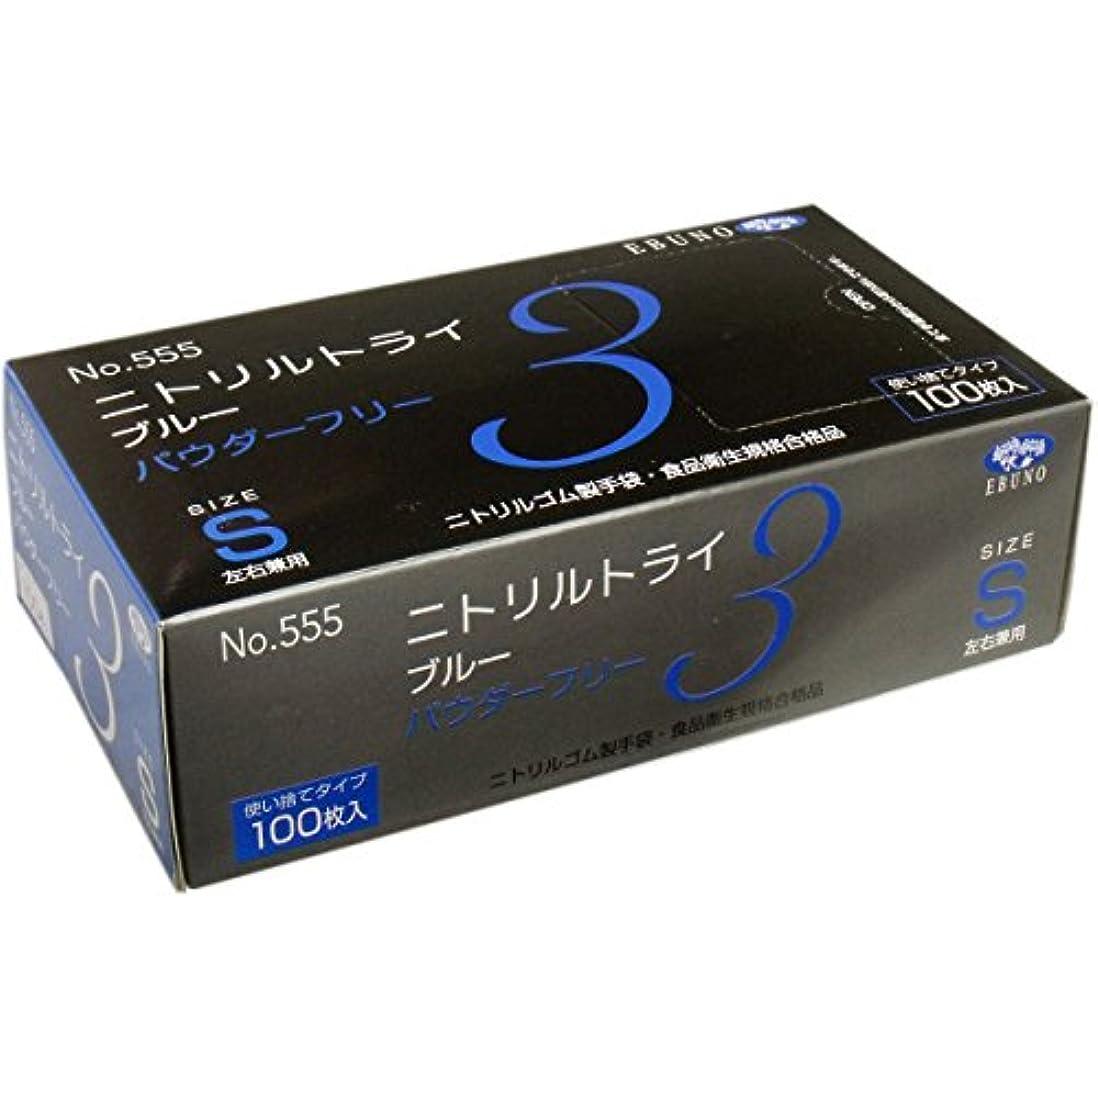 相対的方法勘違いするニトリルトライ3 手袋 ブルー パウダーフリー Sサイズ 100枚入×2個セット